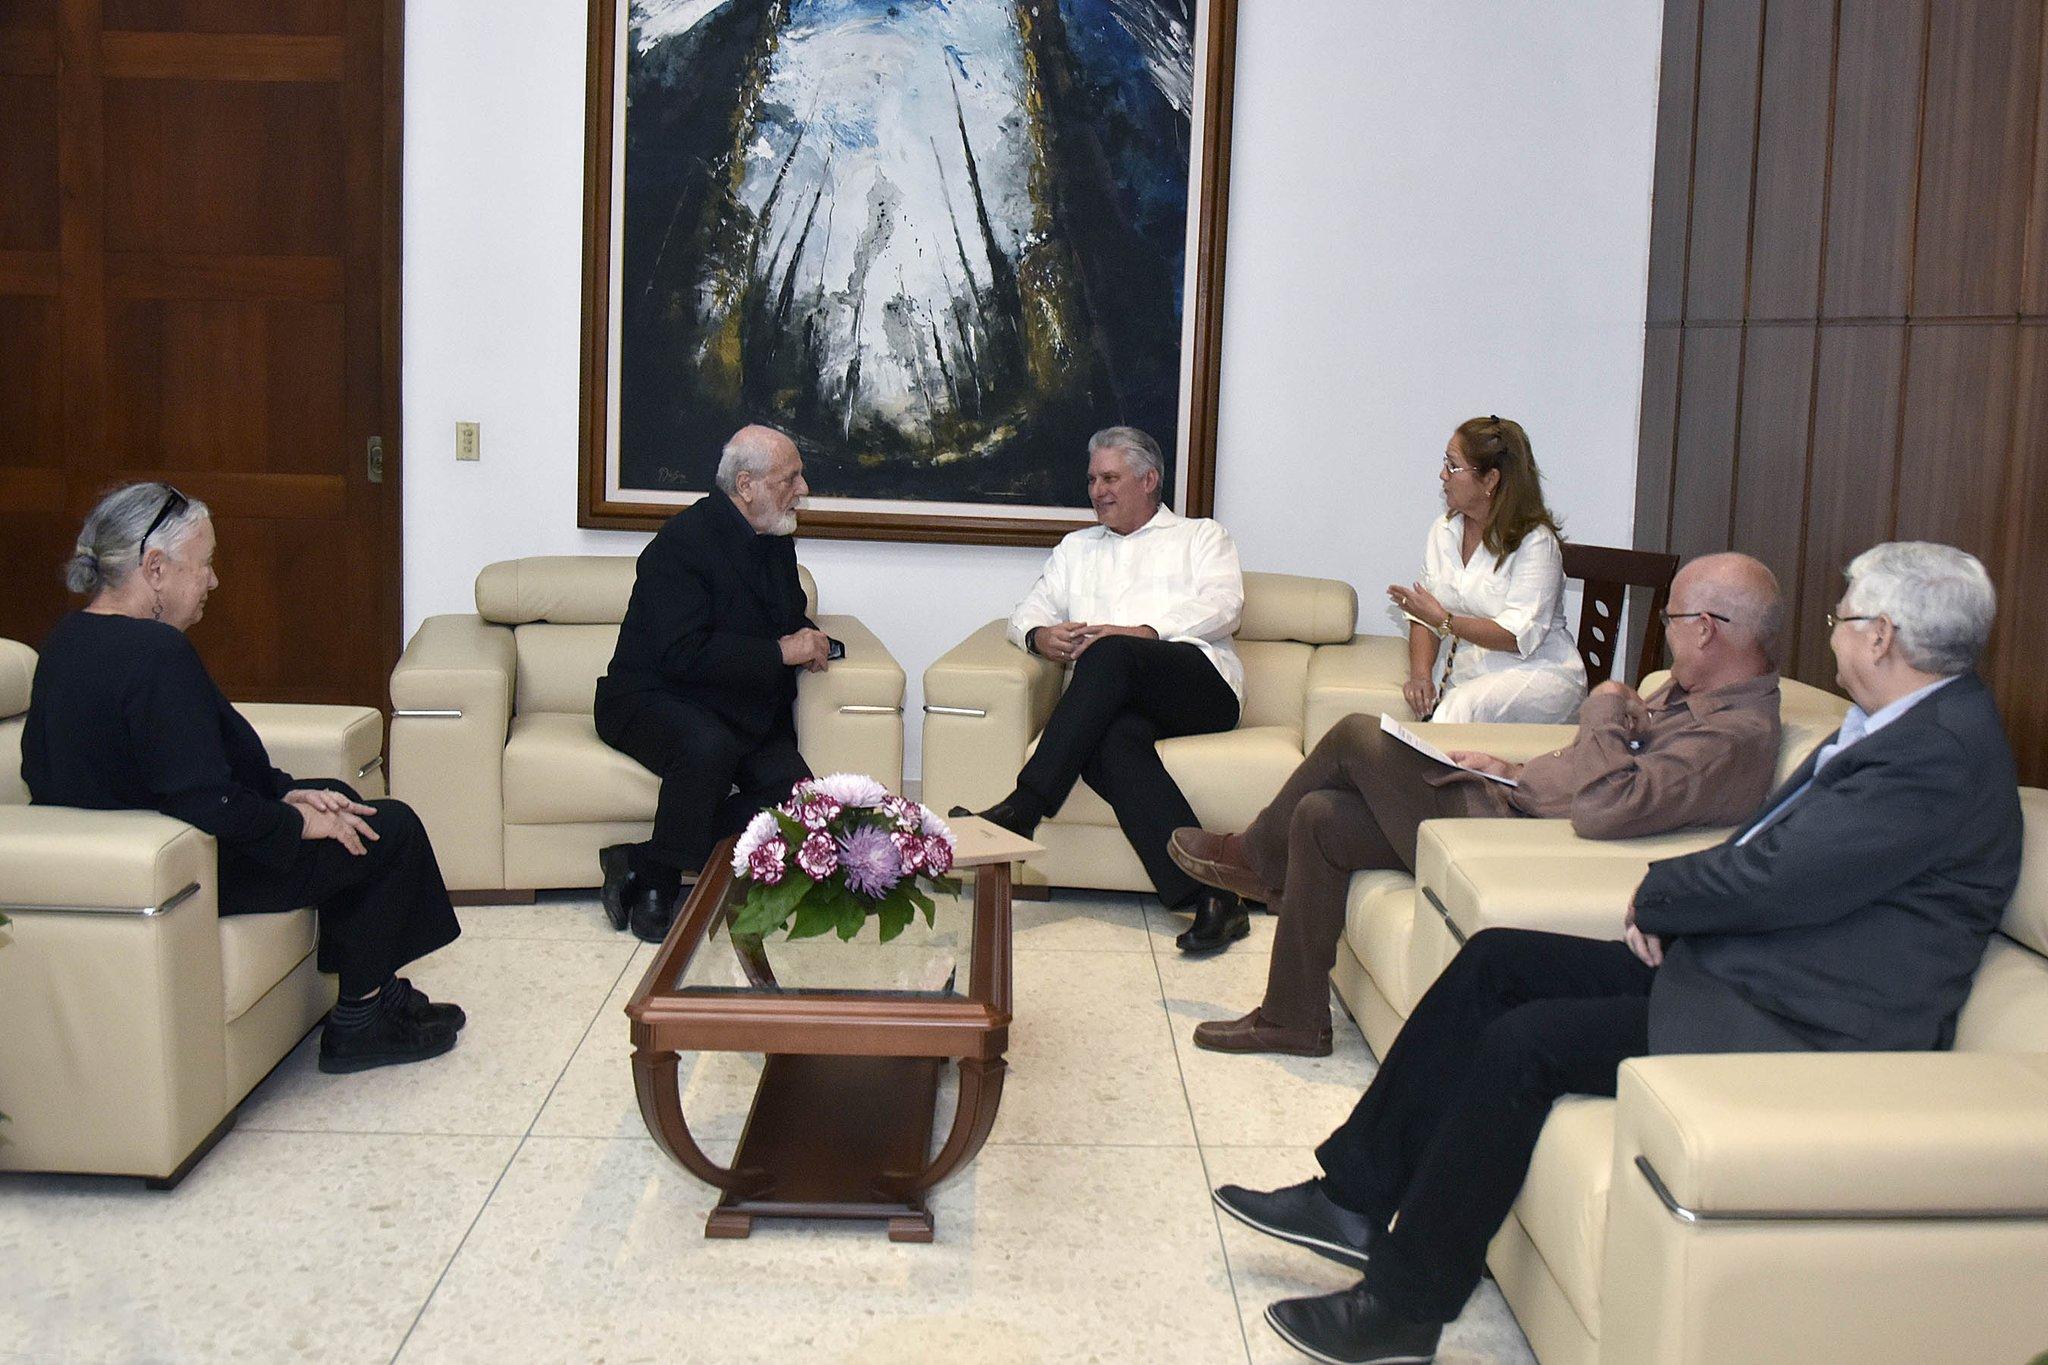 Le Président Díaz-Canel a reçu l'artiste italien Michelangelo Pistoletto